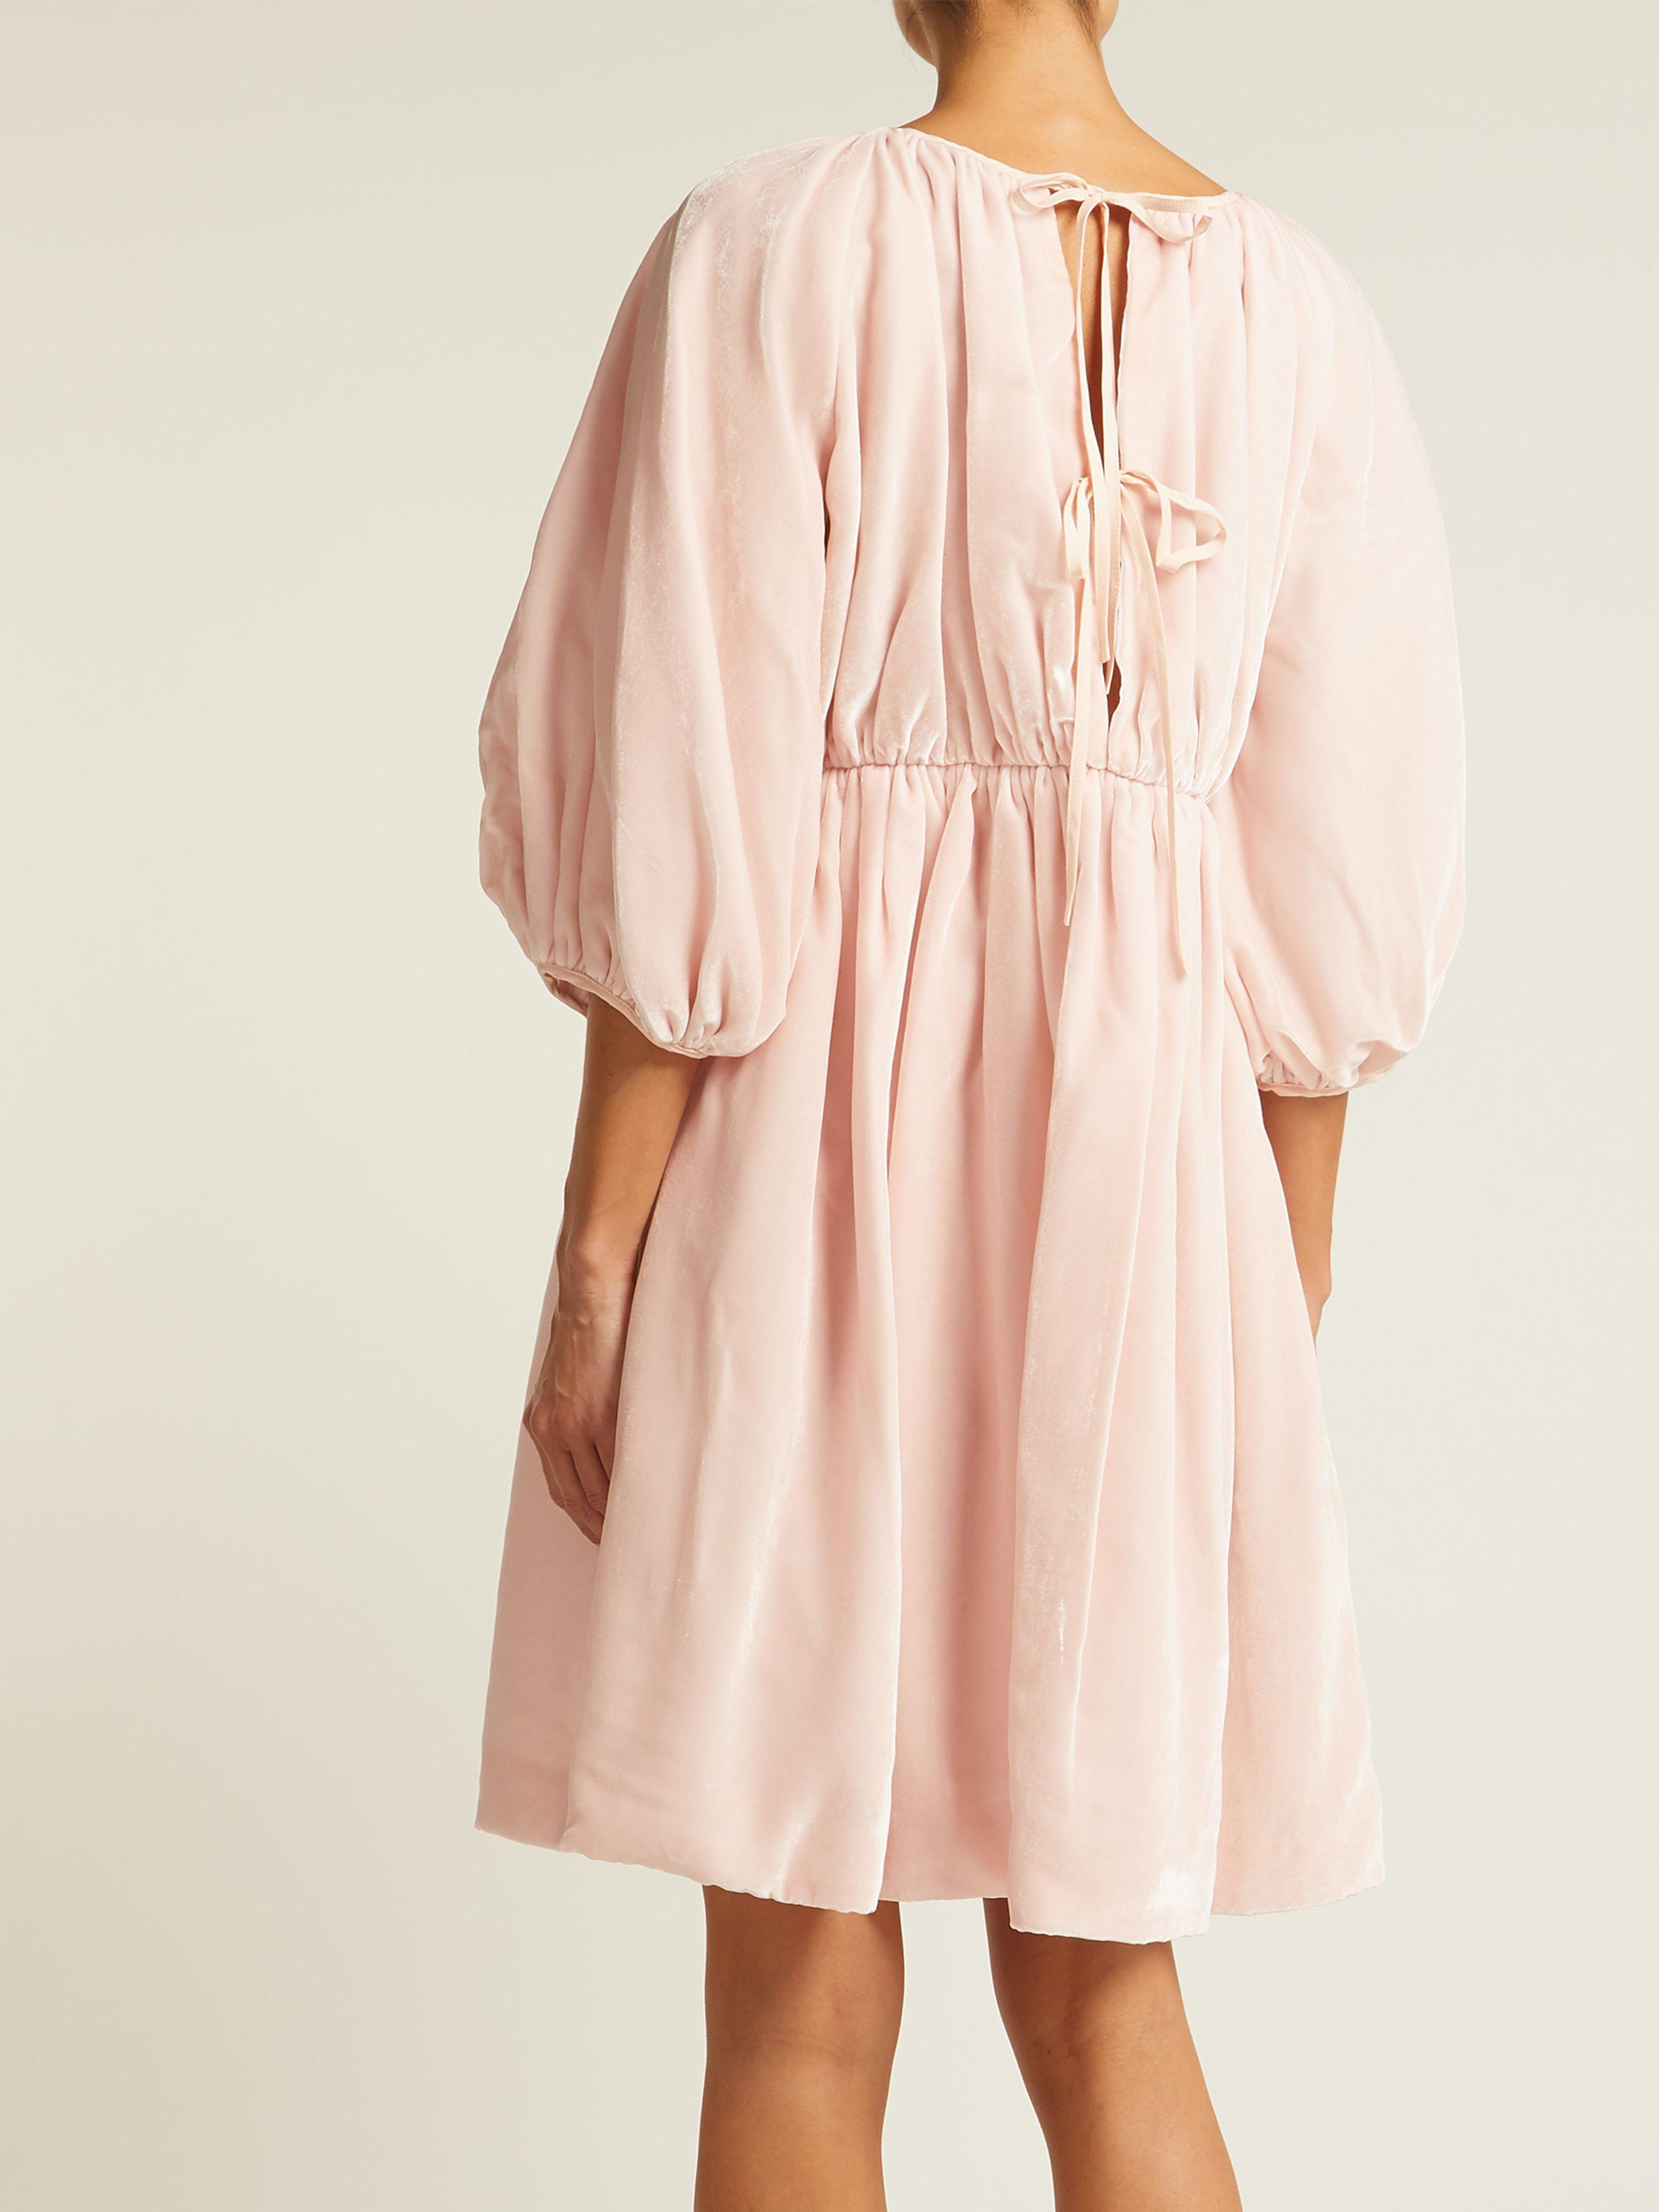 9ca8fc74277e Cecile Bahnsen Ava Velvet Mini Dress in Pink - Lyst